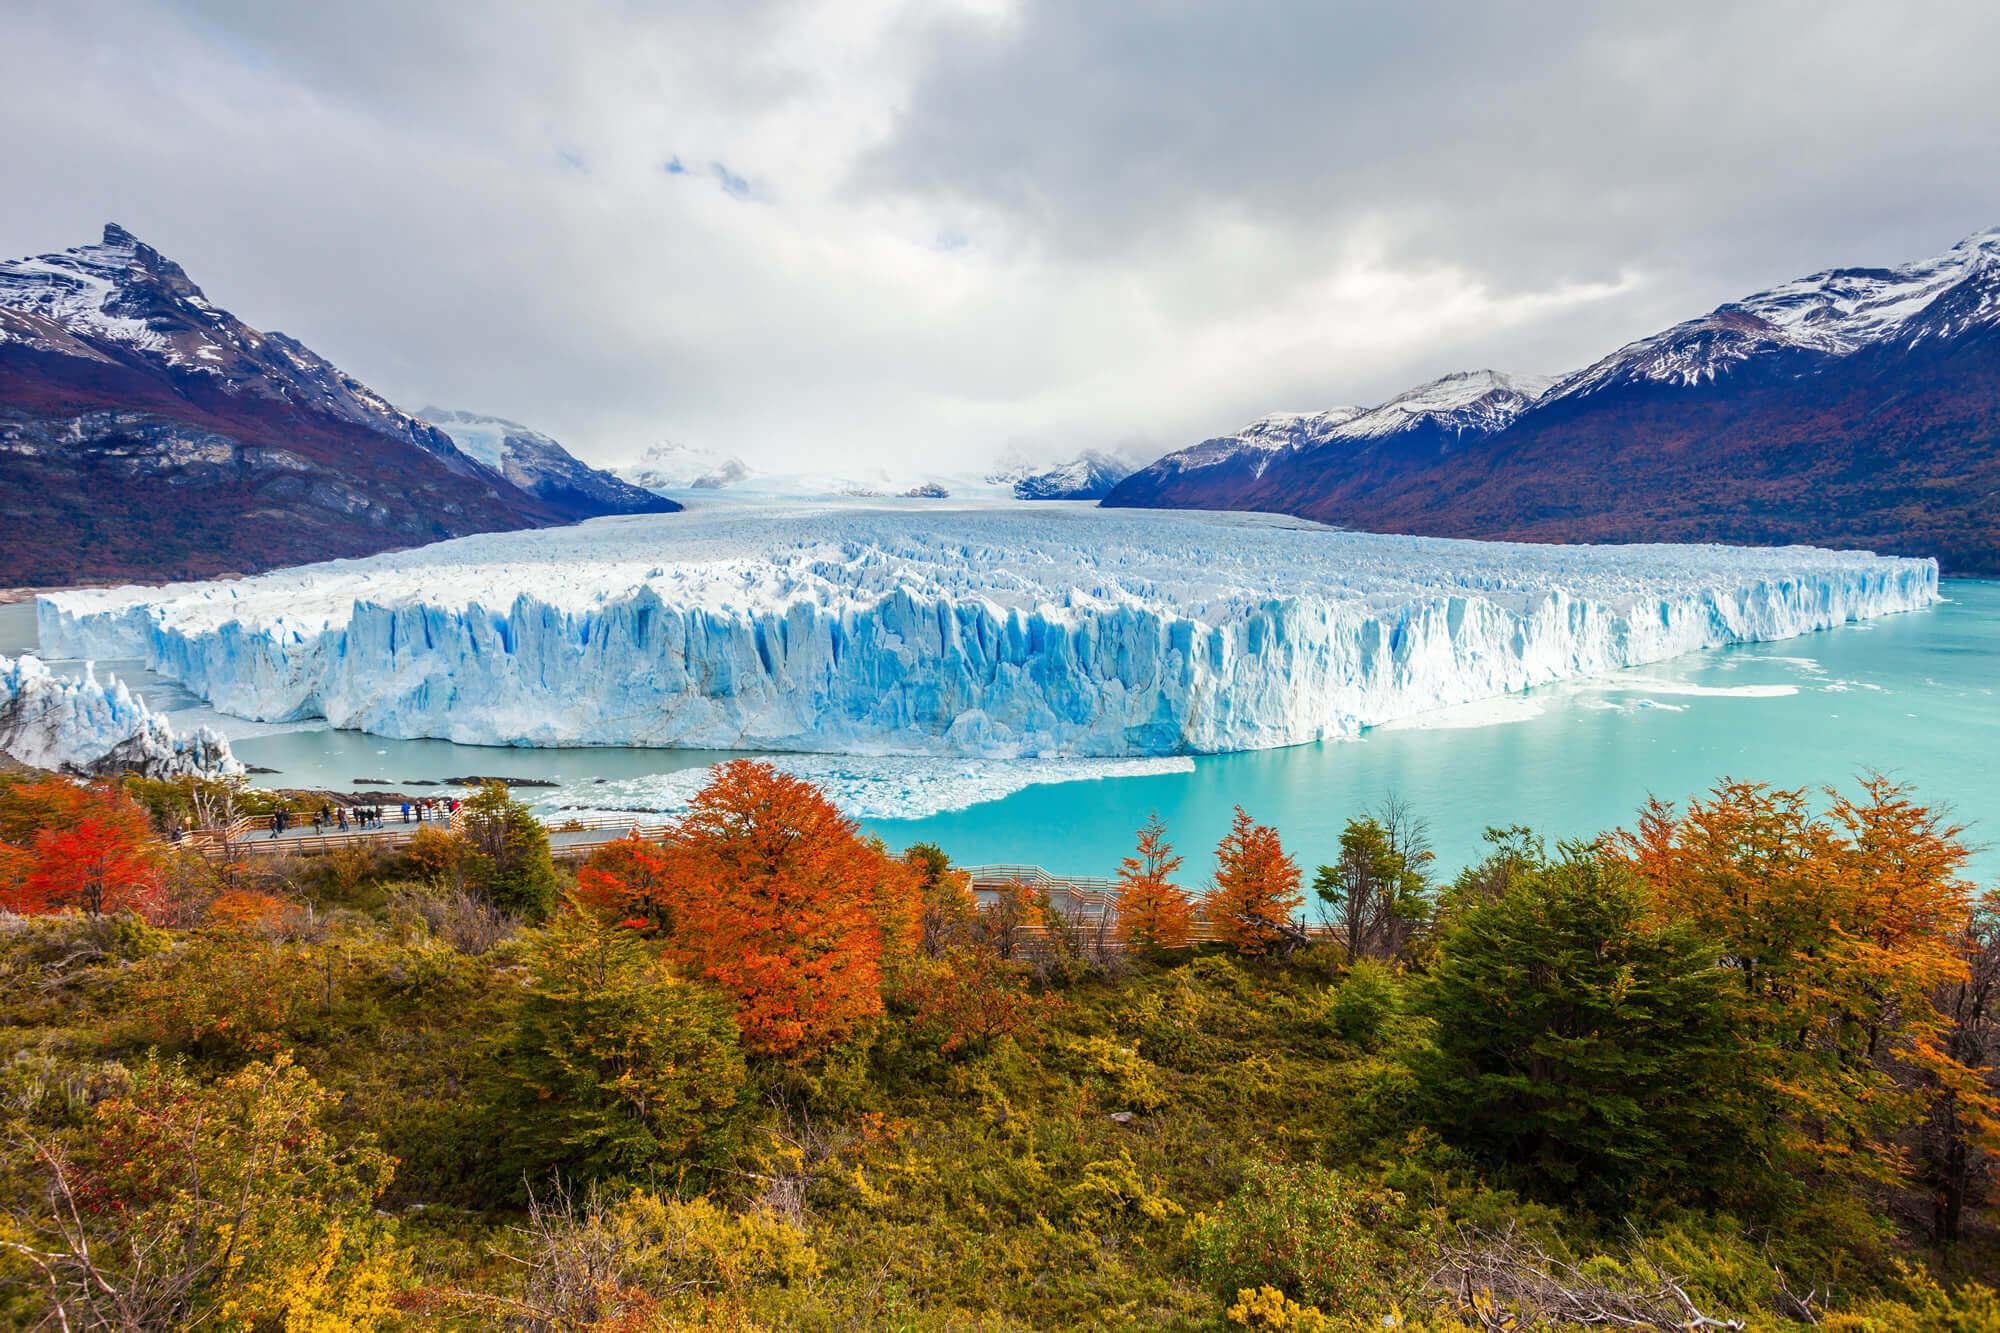 Perito Moreno Glacier, Argentinian Patagonia